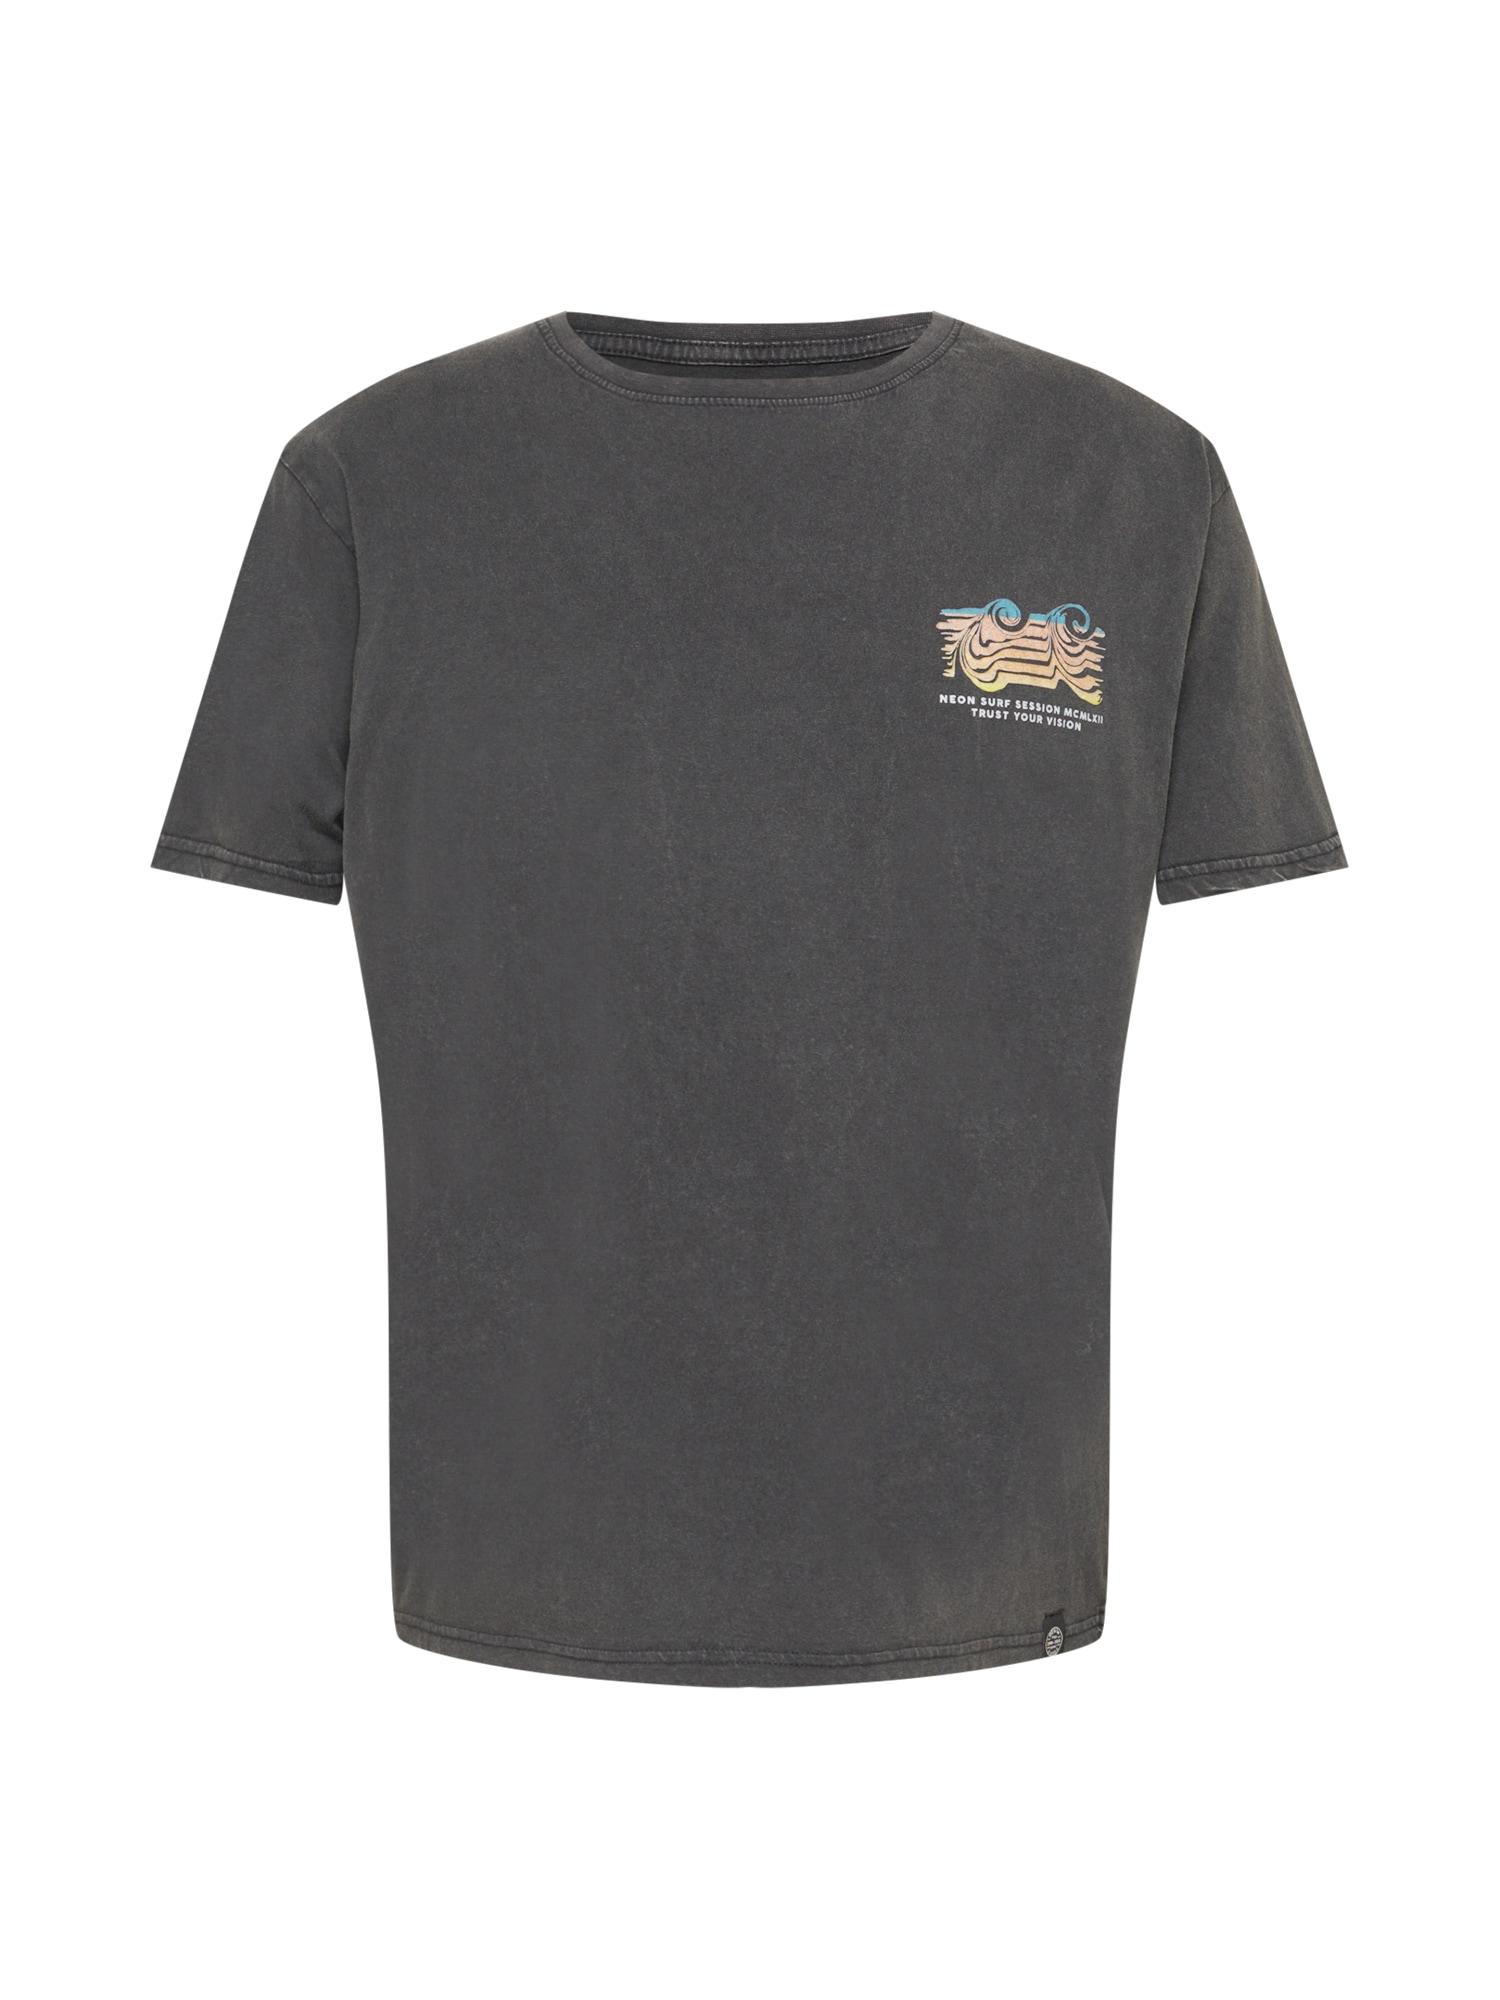 SHINE ORIGINAL Marškinėliai mėlyna / persikų spalva / geltona / tamsiai pilka